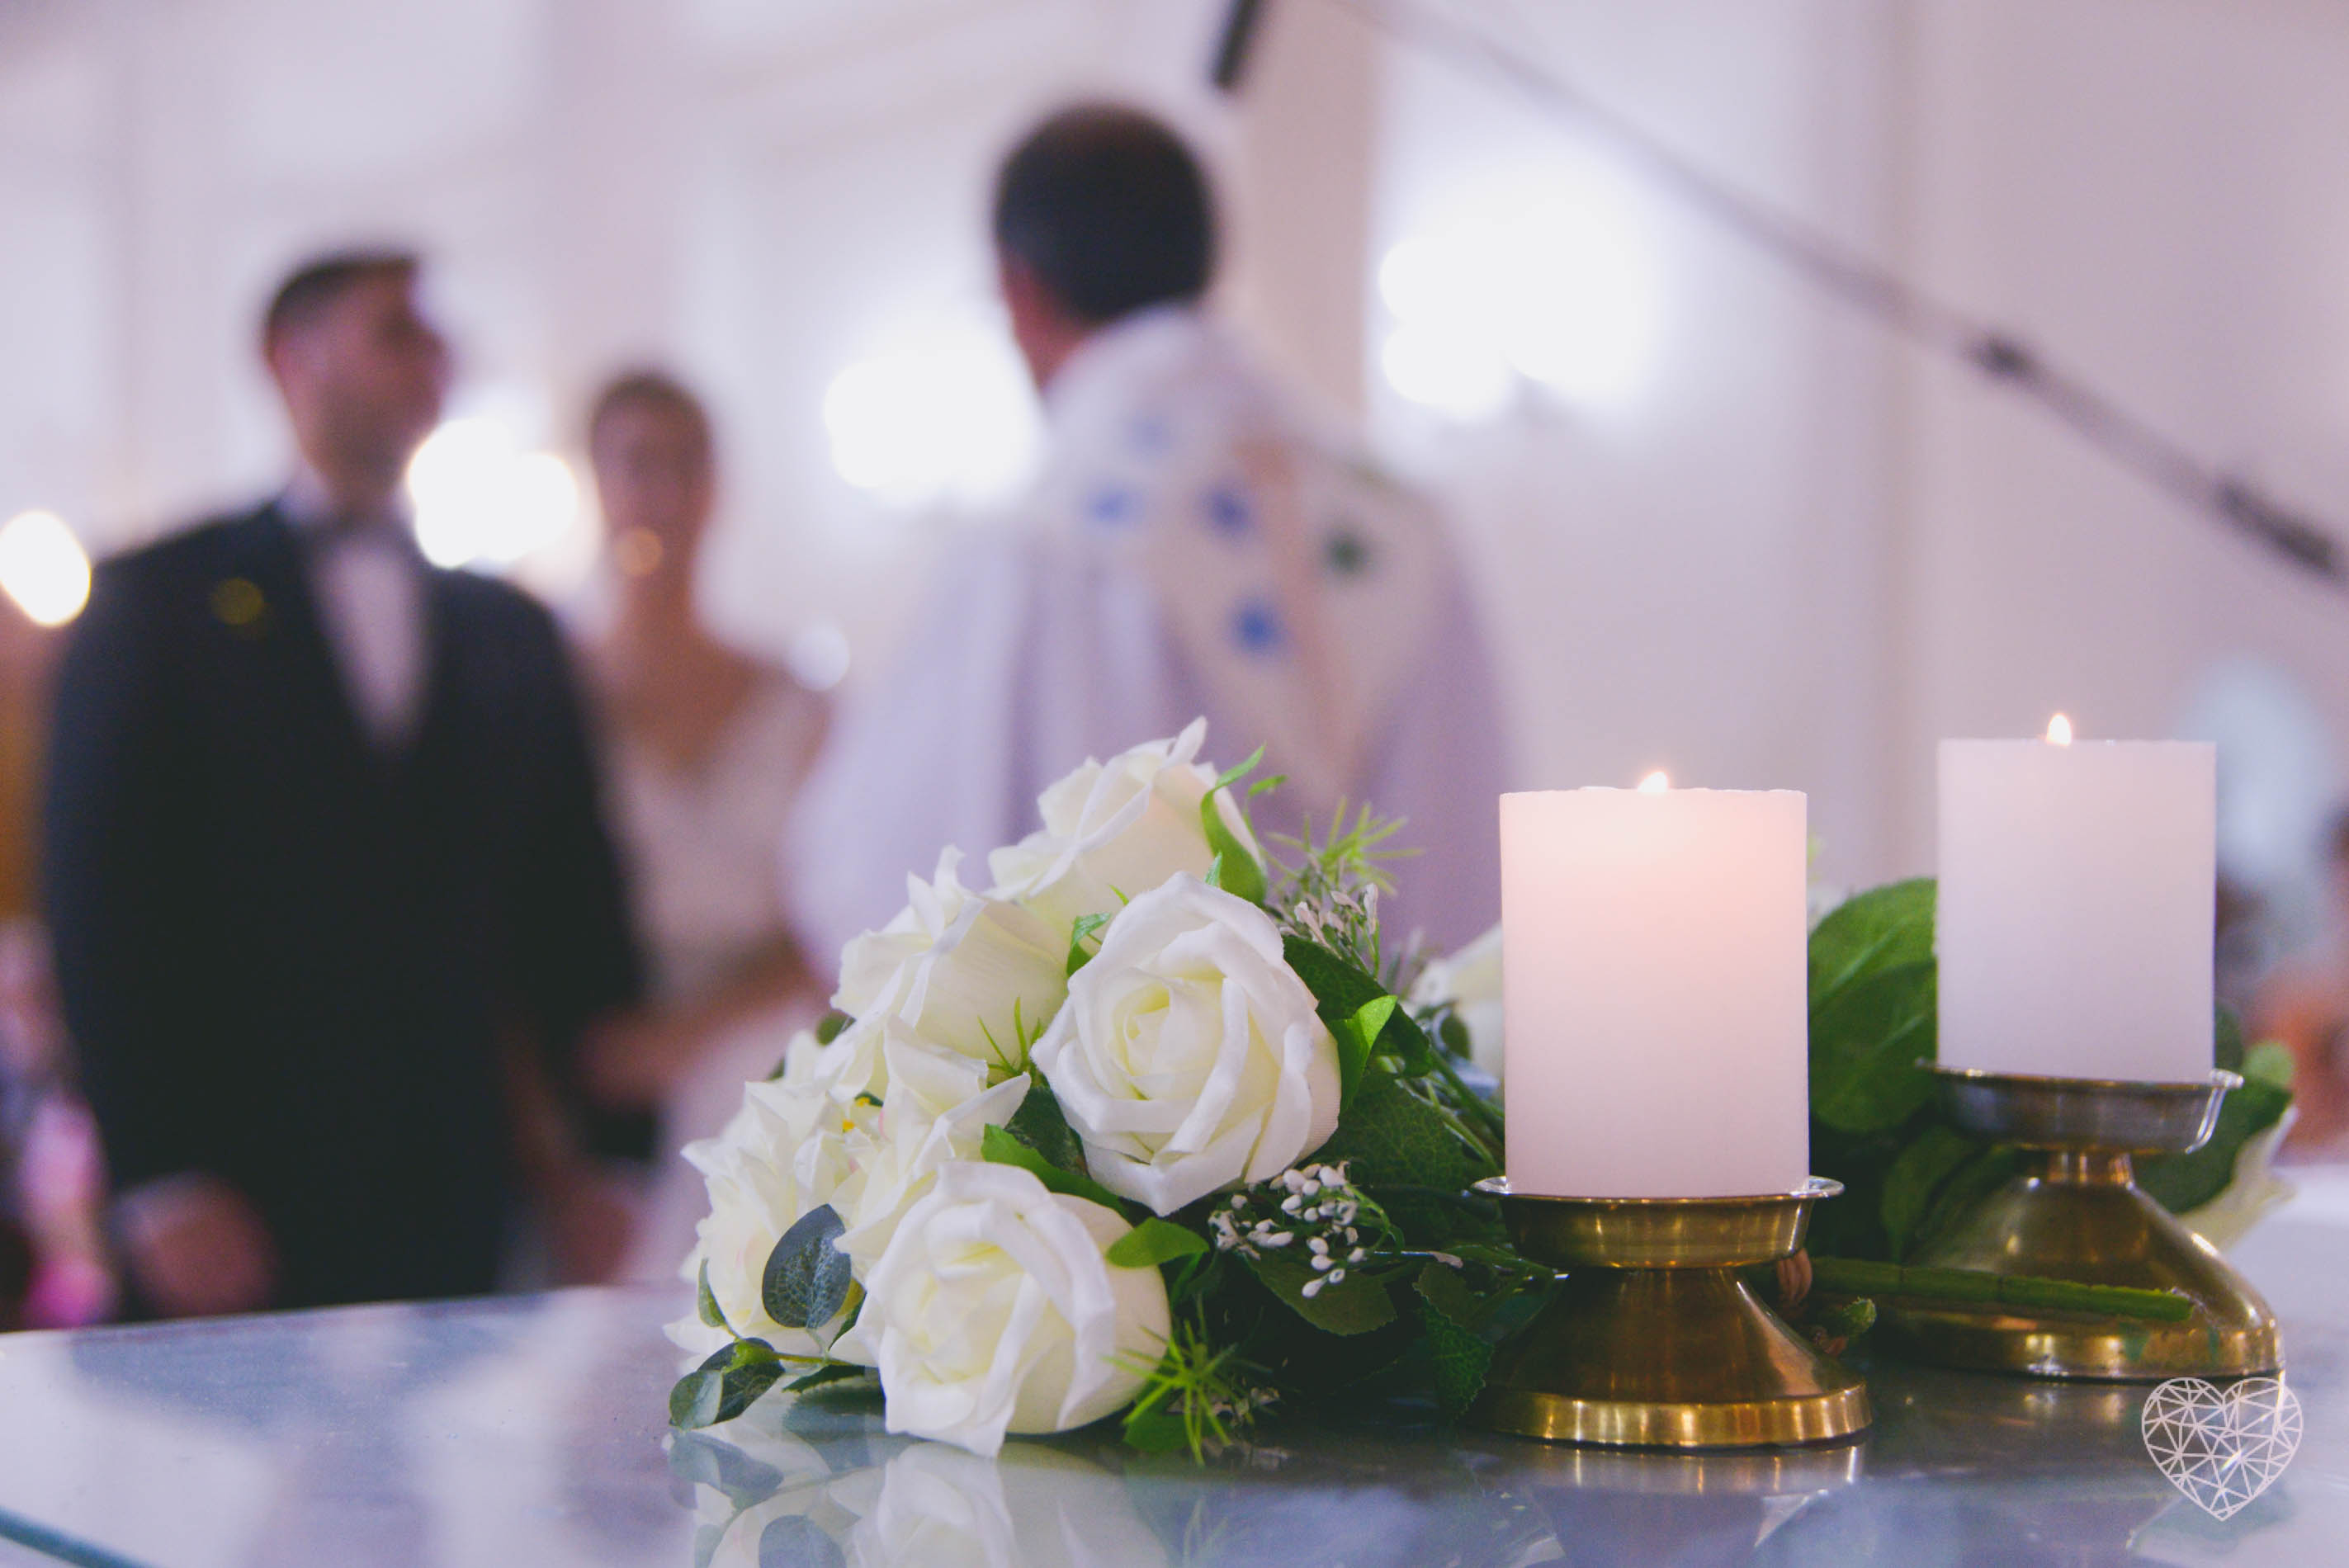 fotografo bodas - fotografo casamiento - lovelyphoto.wedding - wedding photography